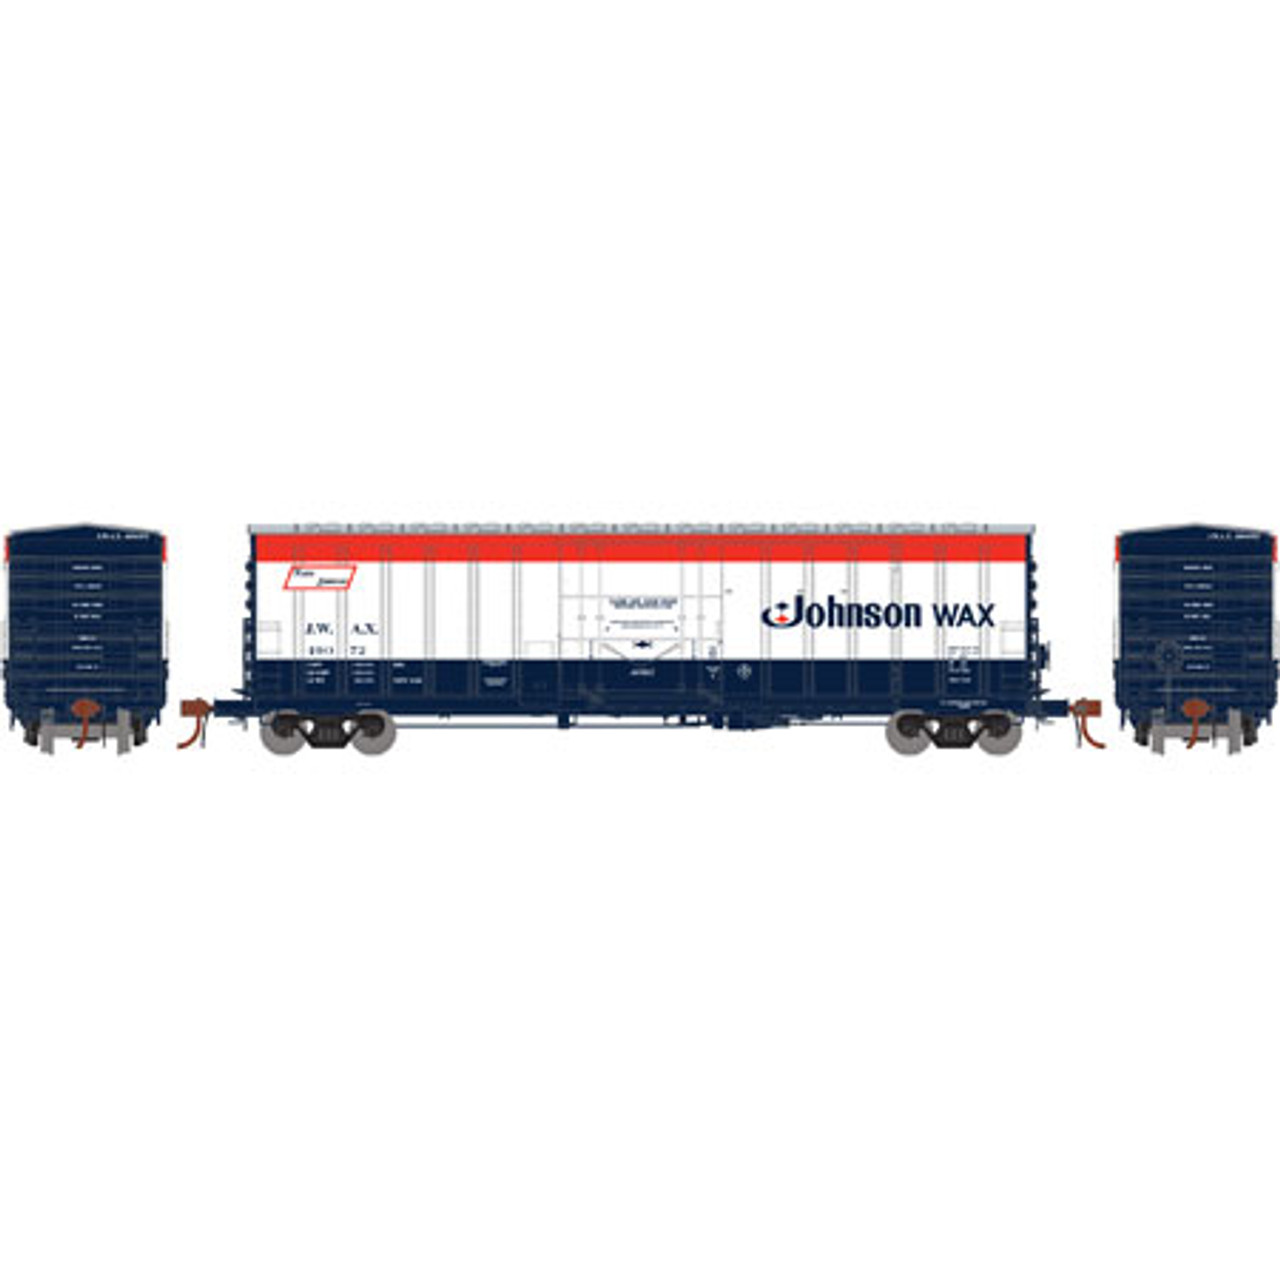 Athearn ATH18423 NACC 50' Box Car JWAX - Johnson Wax #49072  (Scale =HO) Part #ATH18423